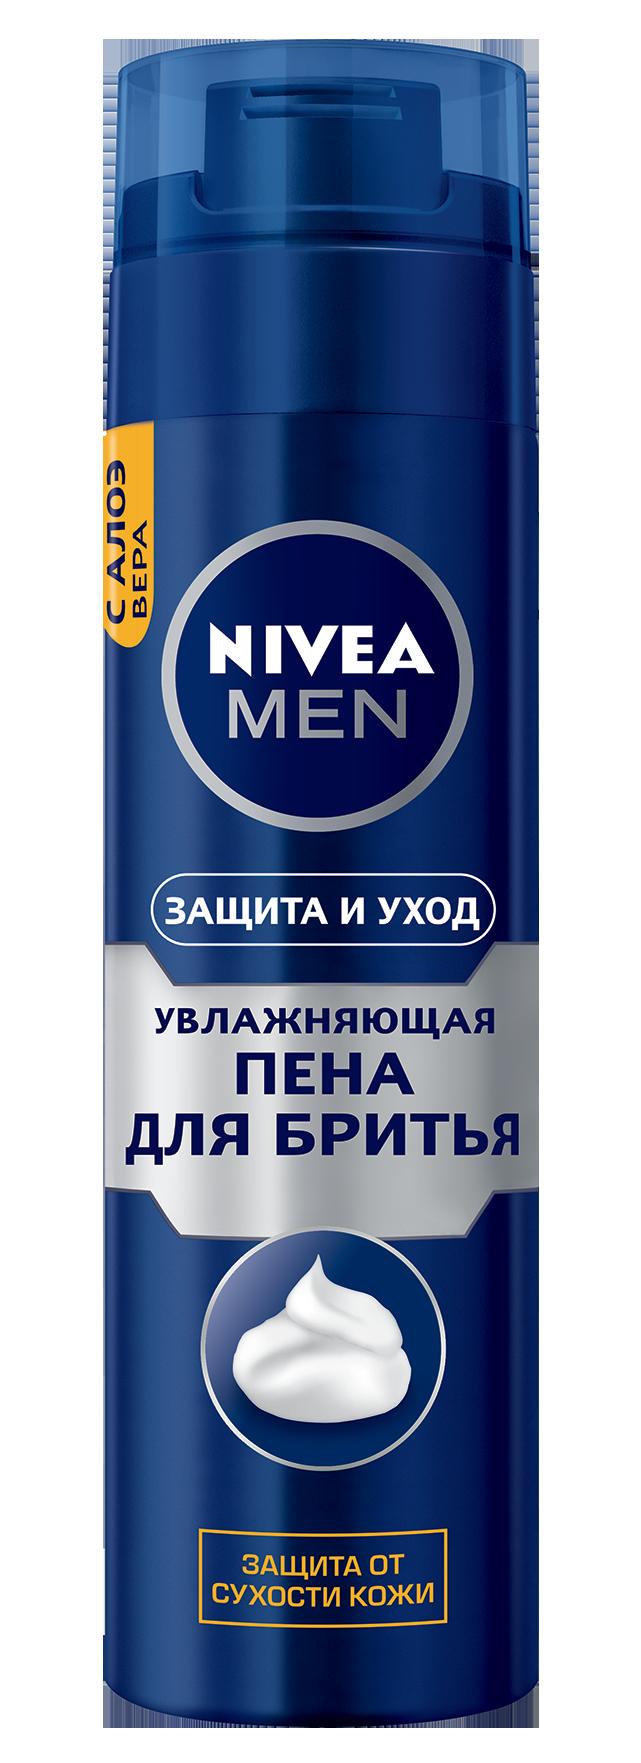 Пена для бритья NIVEA Увлажняющая Защита и уход